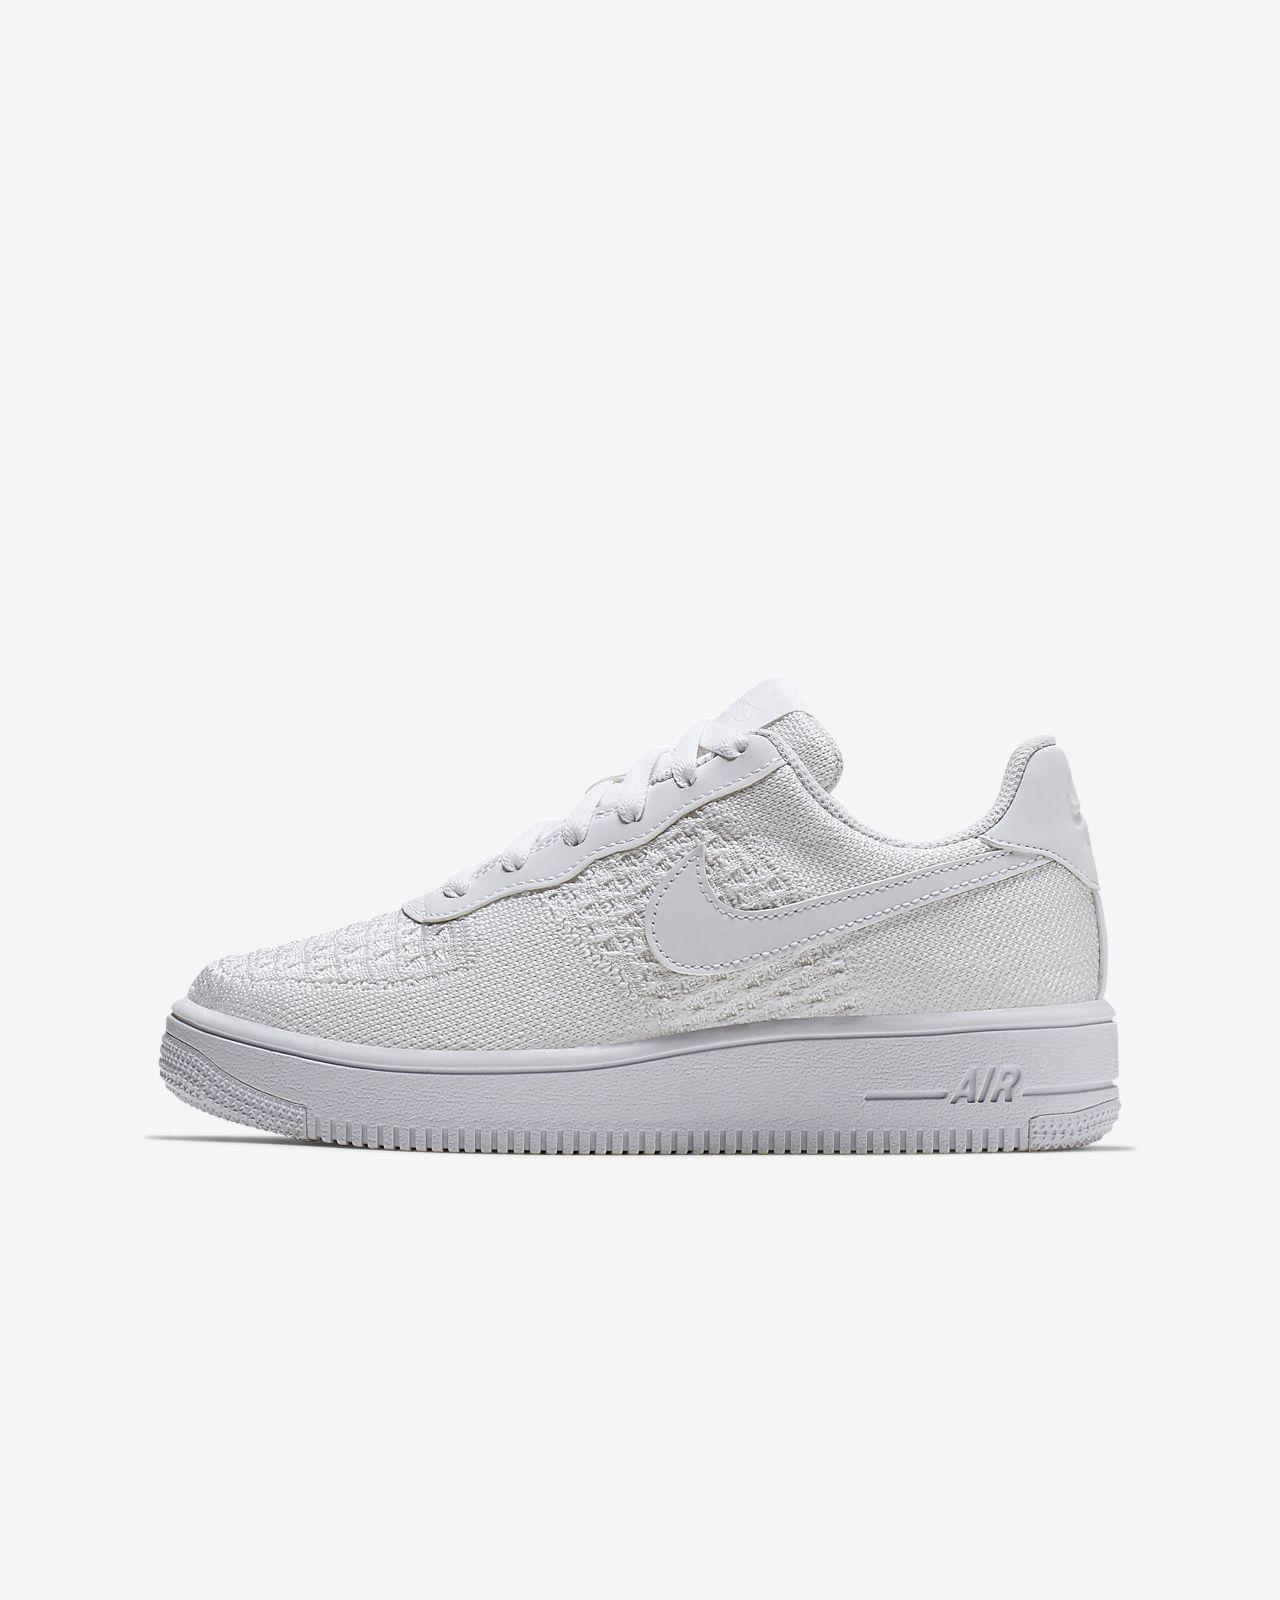 brand new 16523 be479 ... Chaussure Nike Air Force 1 Flyknit 2.0 pour Jeune enfant Enfant plus âgé